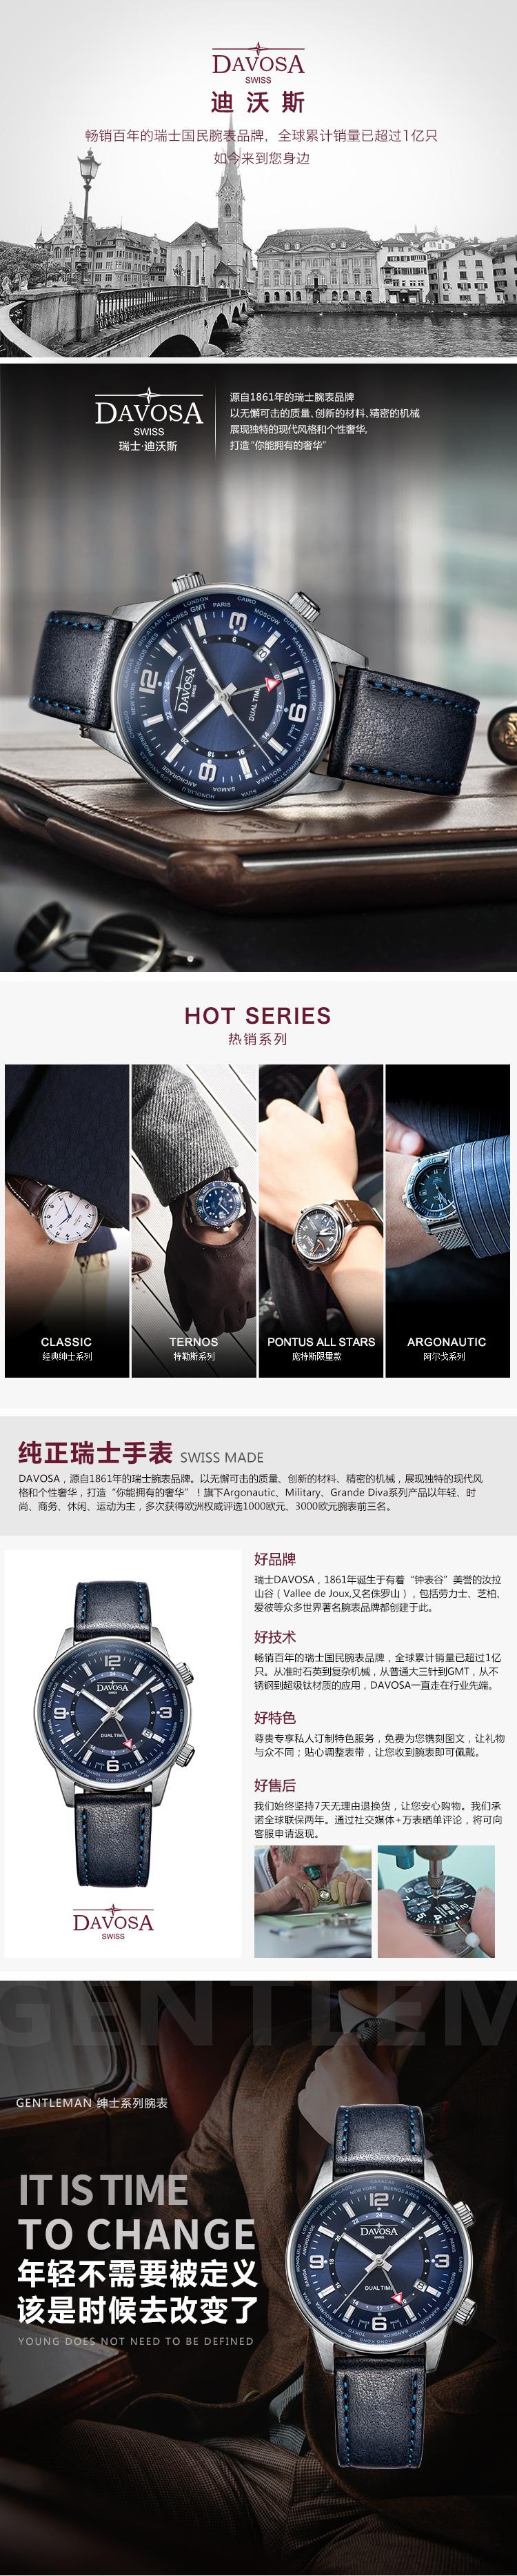 瑞士迪沃斯(DAVOSA)-Gentleman 绅士系列 Vireo商务精英 16249245 双时区 石英男表